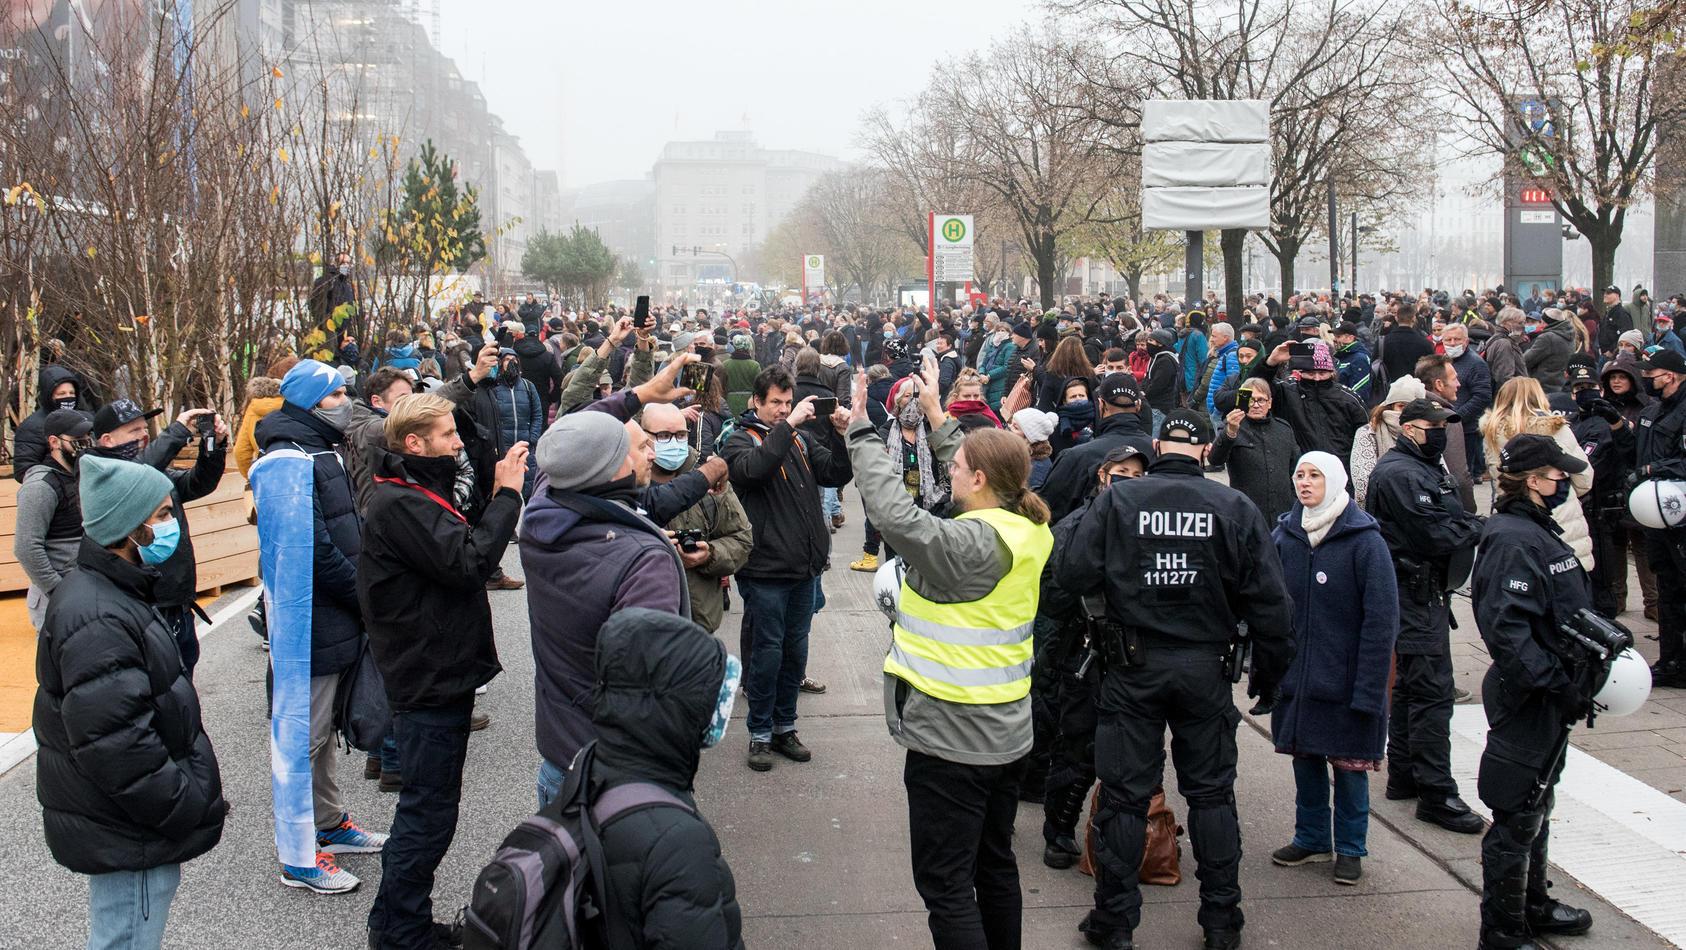 Corona-Zweifler demonstrieren in Hamburg